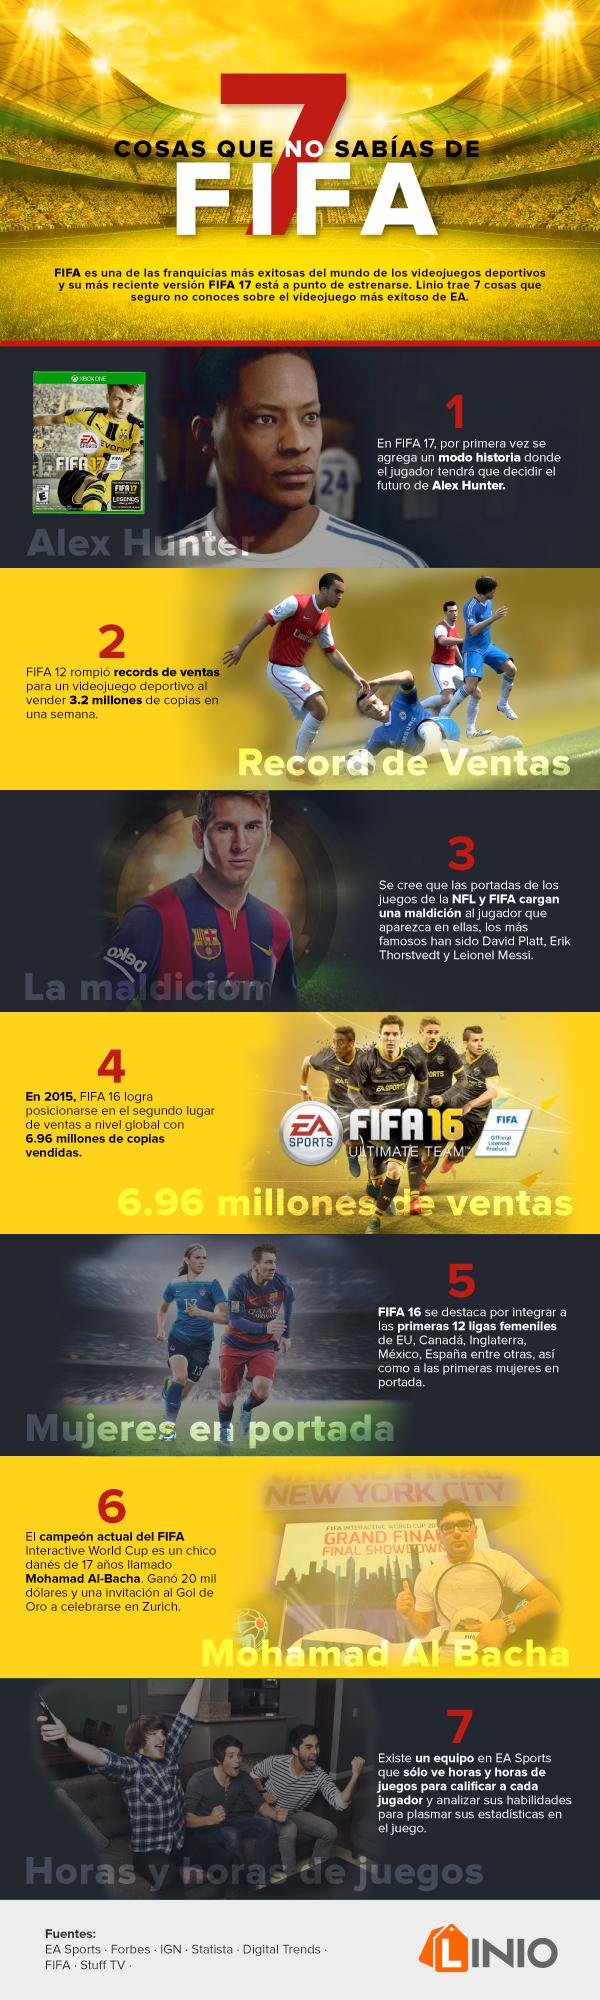 7 cosas que seguro no conoces de FIFA - fifa17